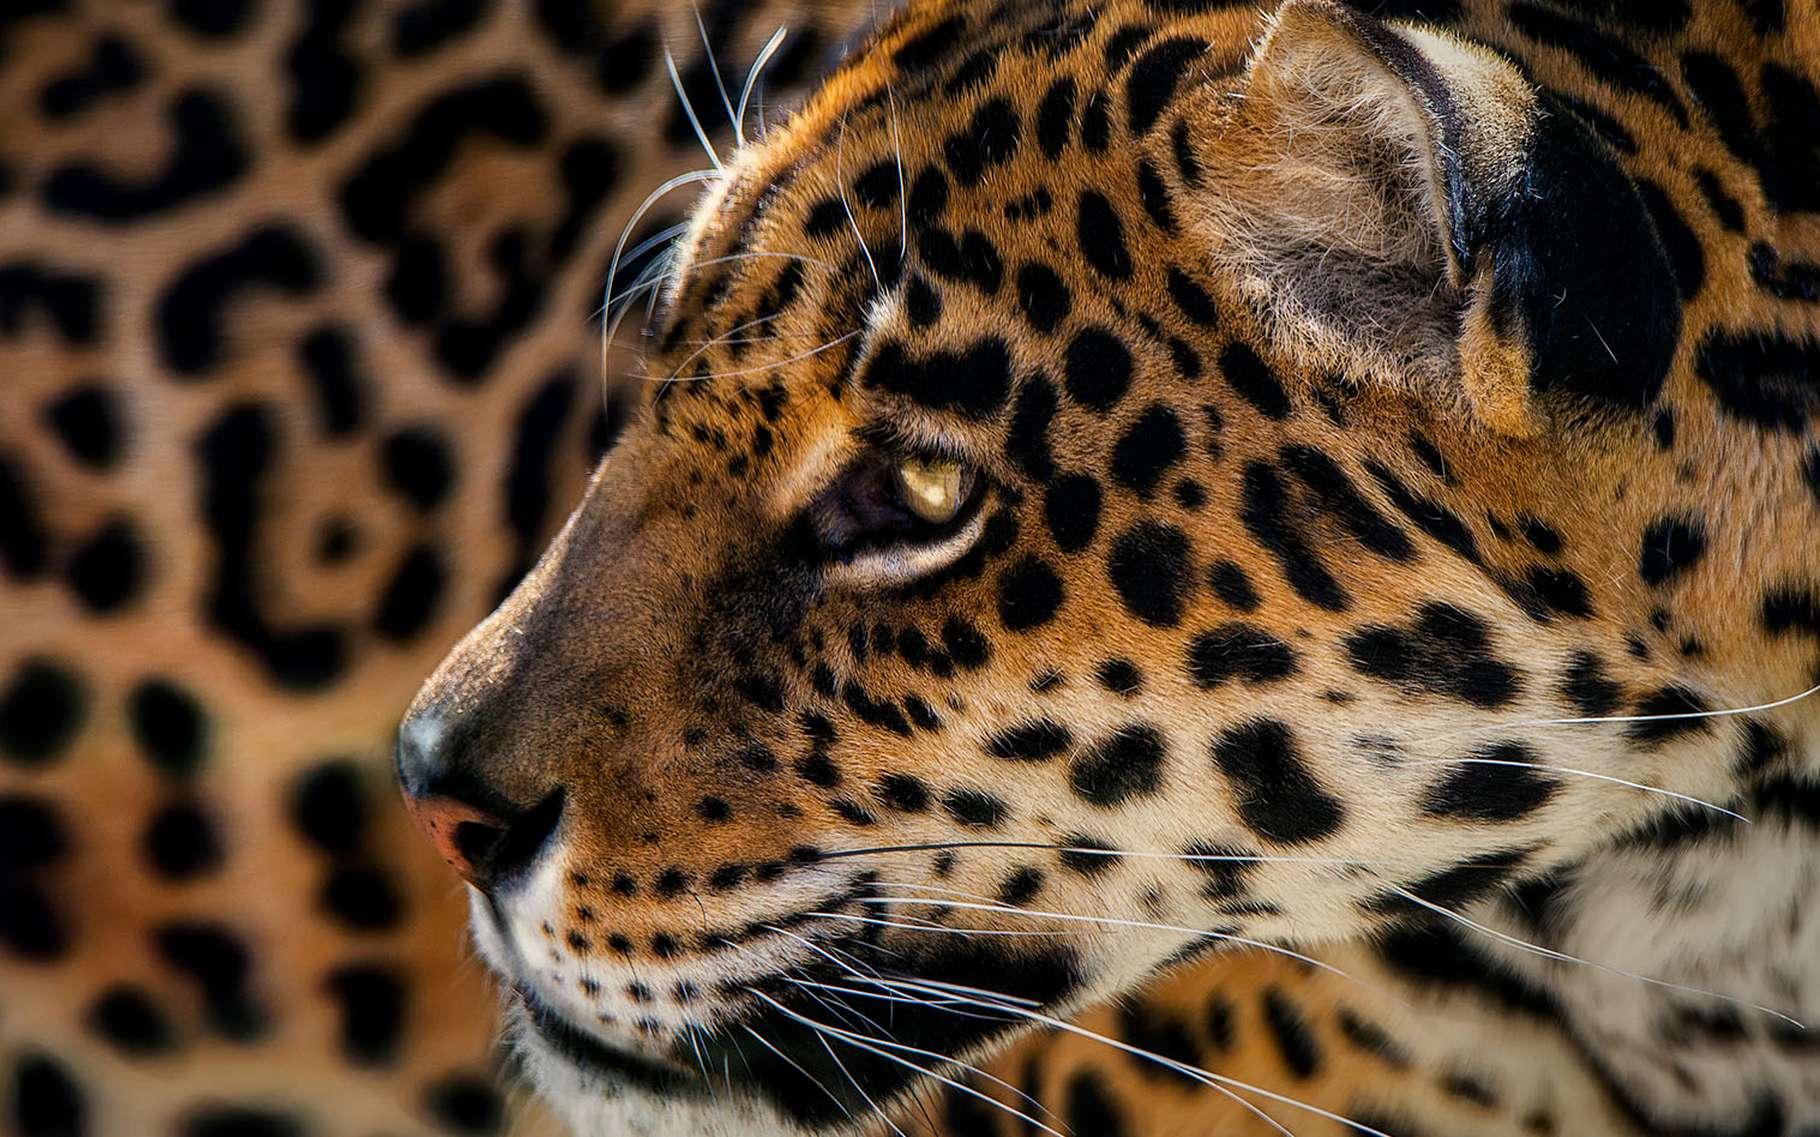 SOS Planète, c'est le nom de la boutique virtuelle ouverte par Futura. Des t-shirts et autres sweats pour afficher votre engagement aux côtés de photographes de renom. Ici, un majestueux jaguar immortalisé par Pedro Jarque Krebs. © Pedro Jarque Krebs, tous droits réservés